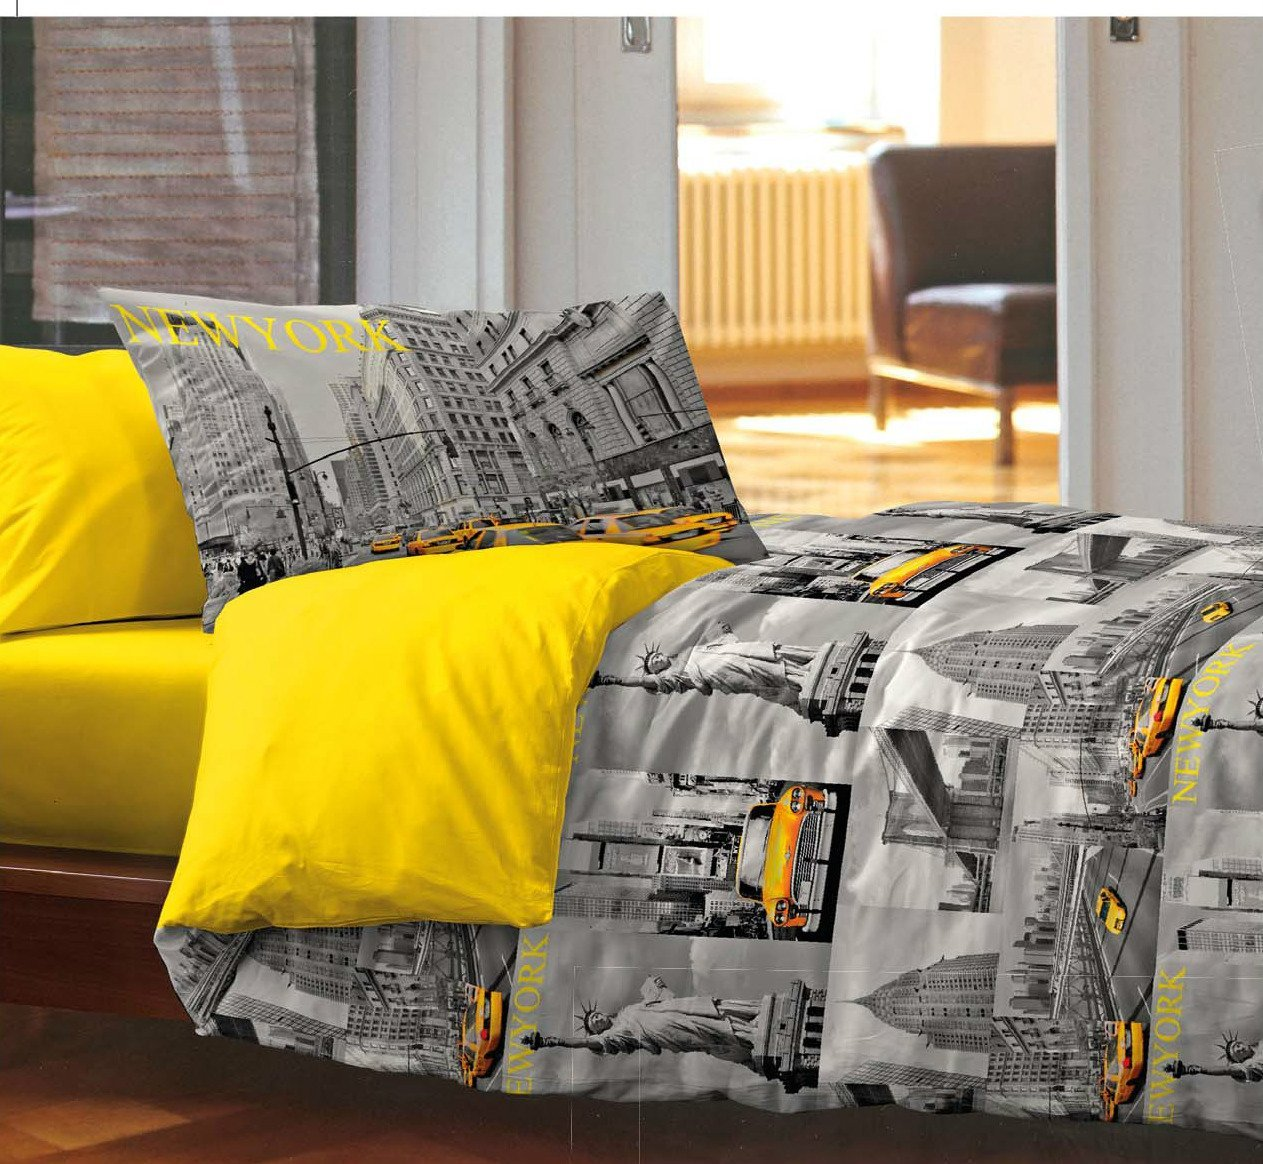 New York a casa propria: copripiumino, lenzuola e quadri - Viaggiamo